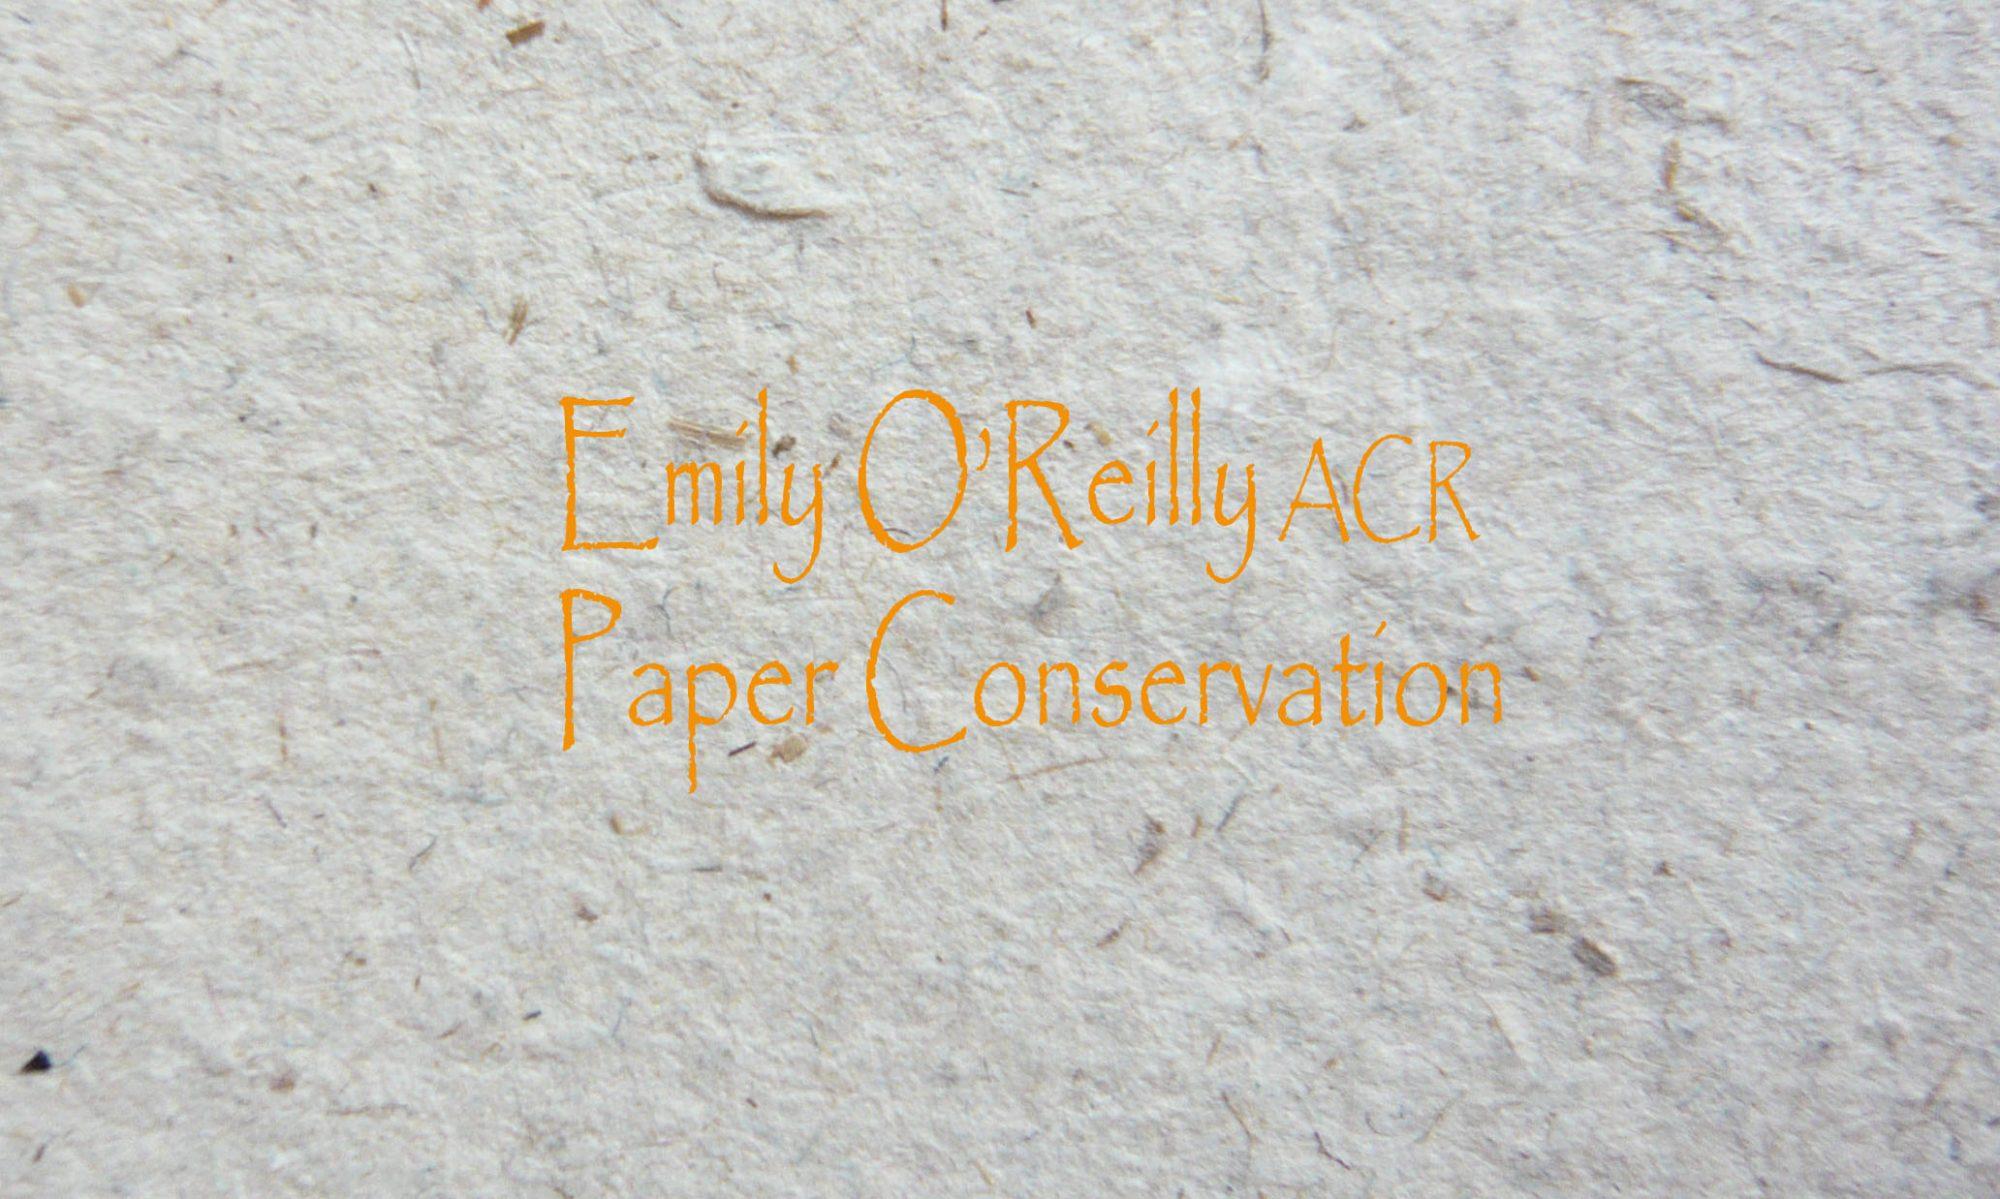 Emily O'Reilly ACR